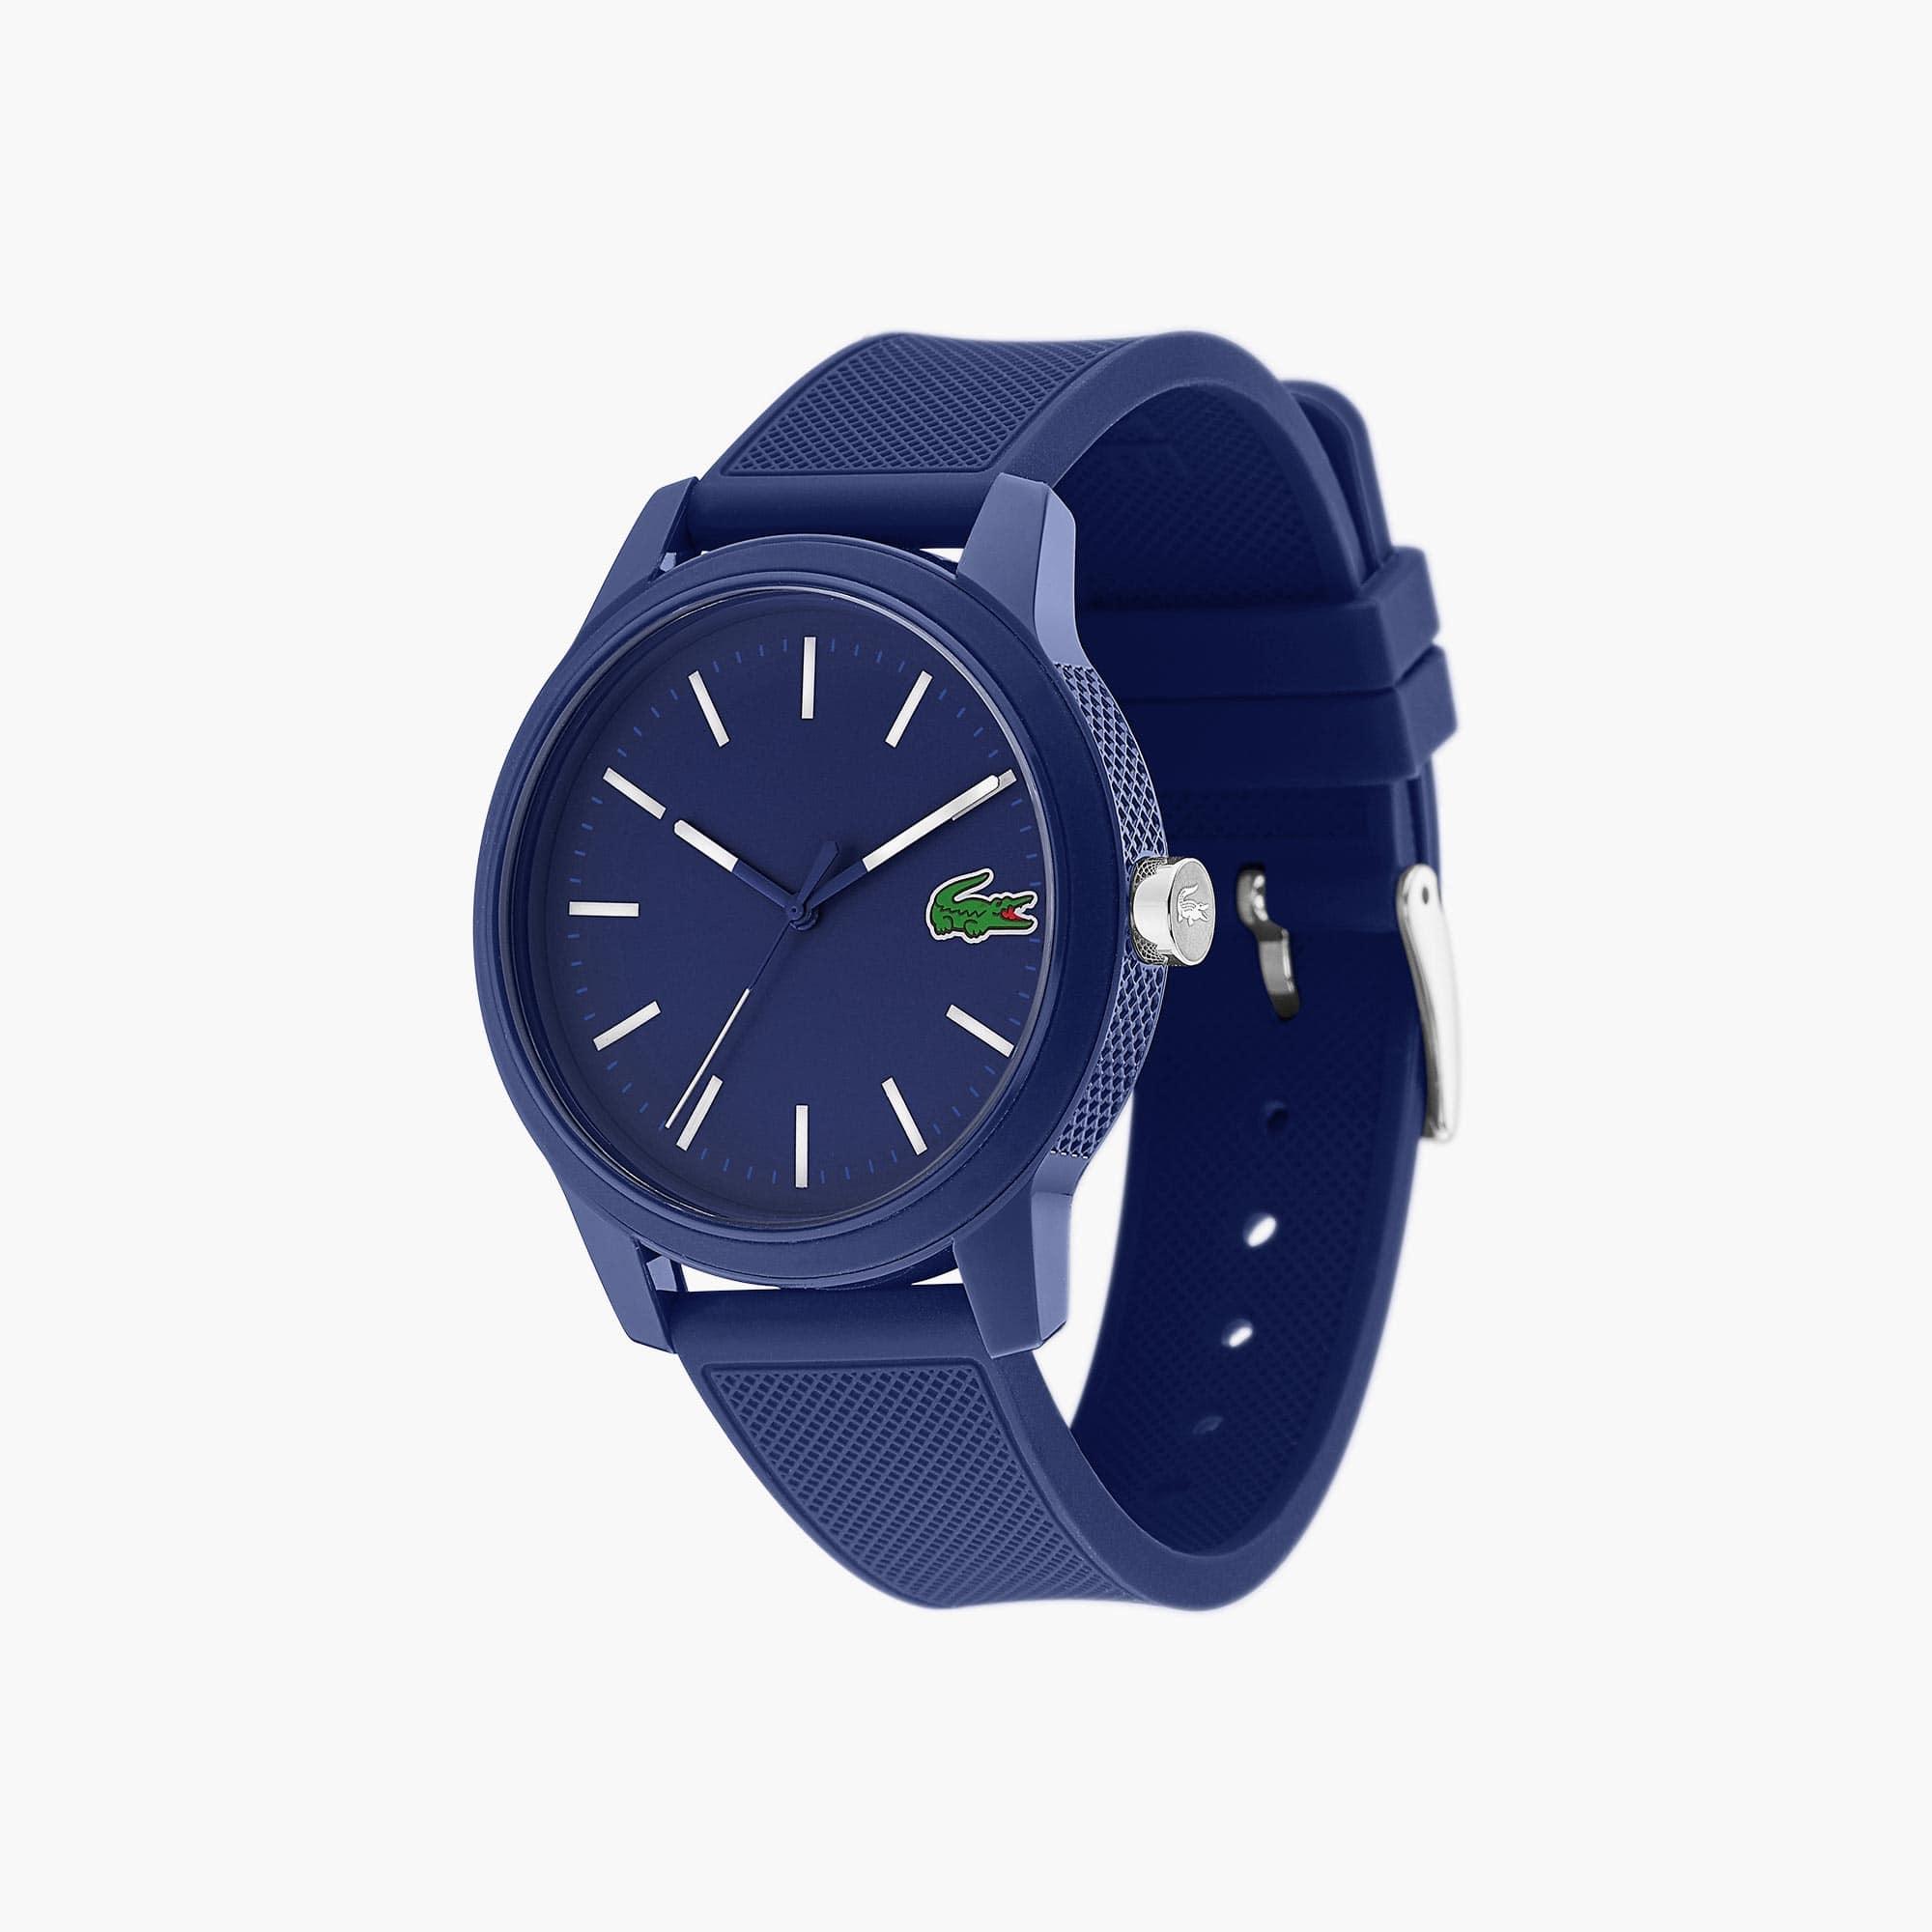 Reloj de Hombre Lacoste 12.12 con Correa de Silicona Azul